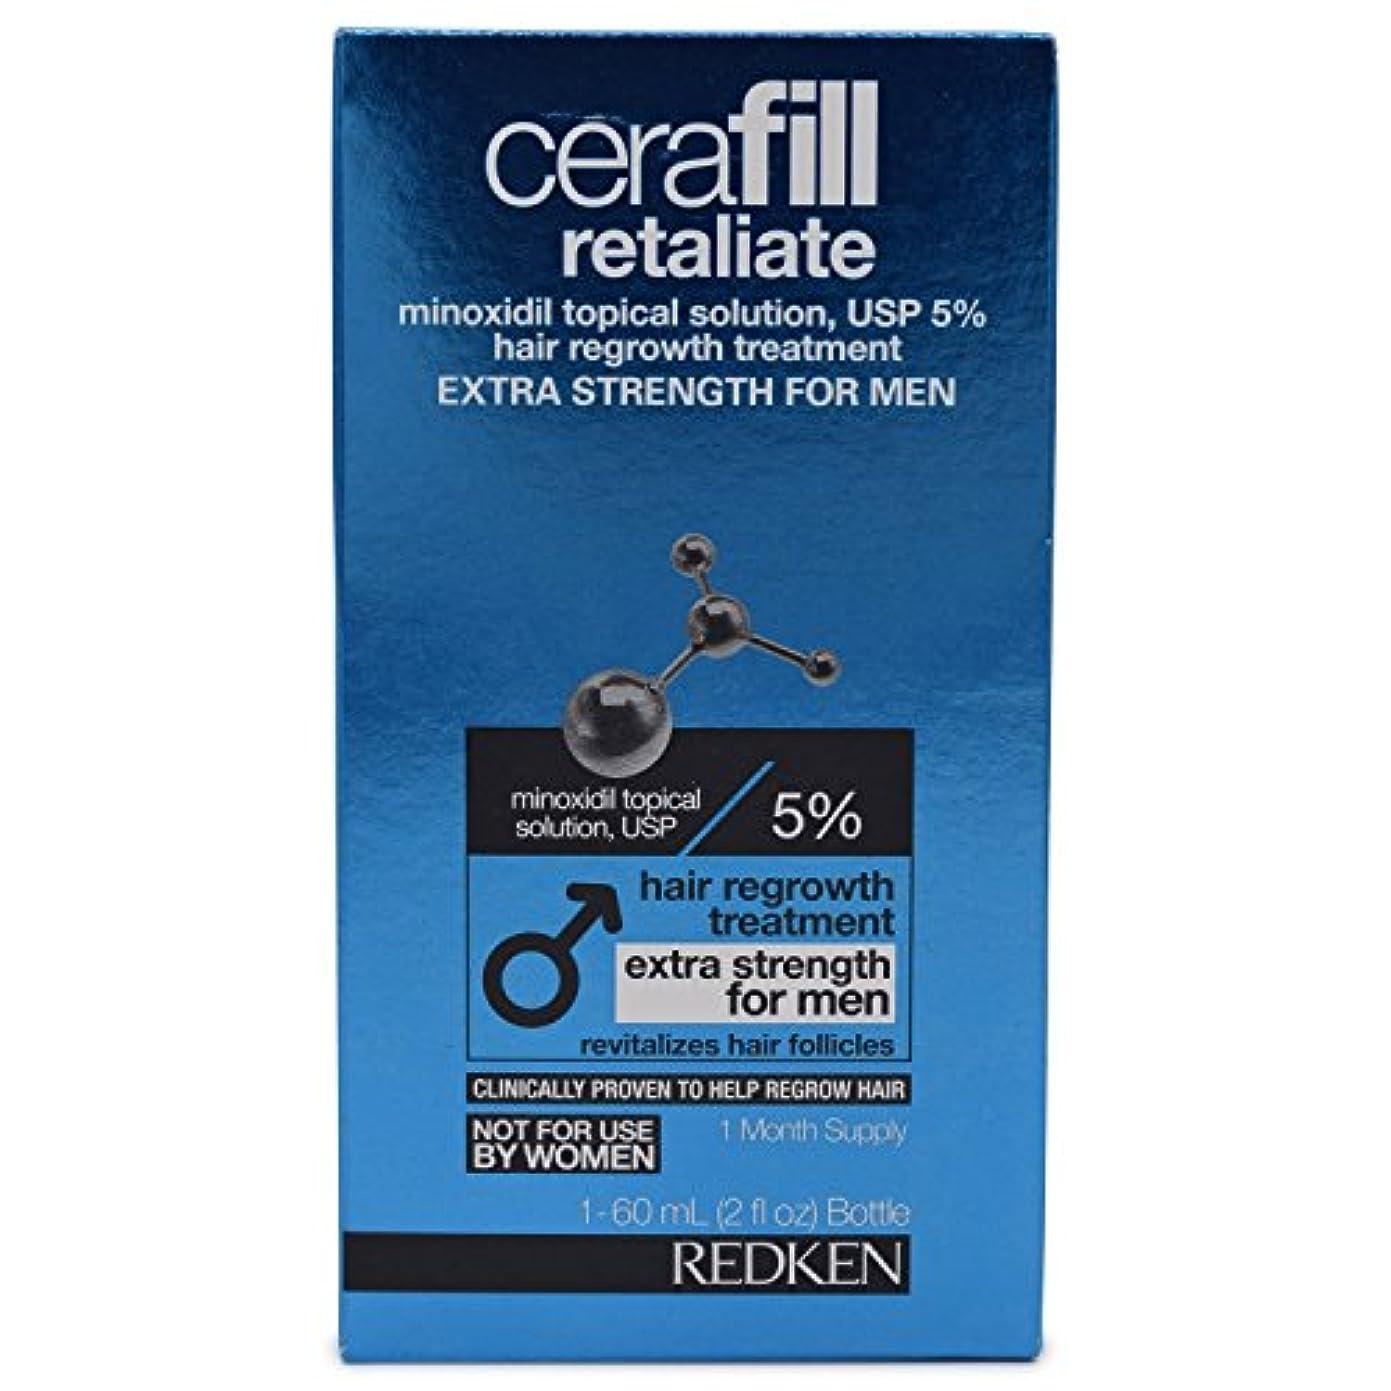 メーカーオリエンテーション懇願するCerafill Retaliate 5% Hair Regrowth Treatment